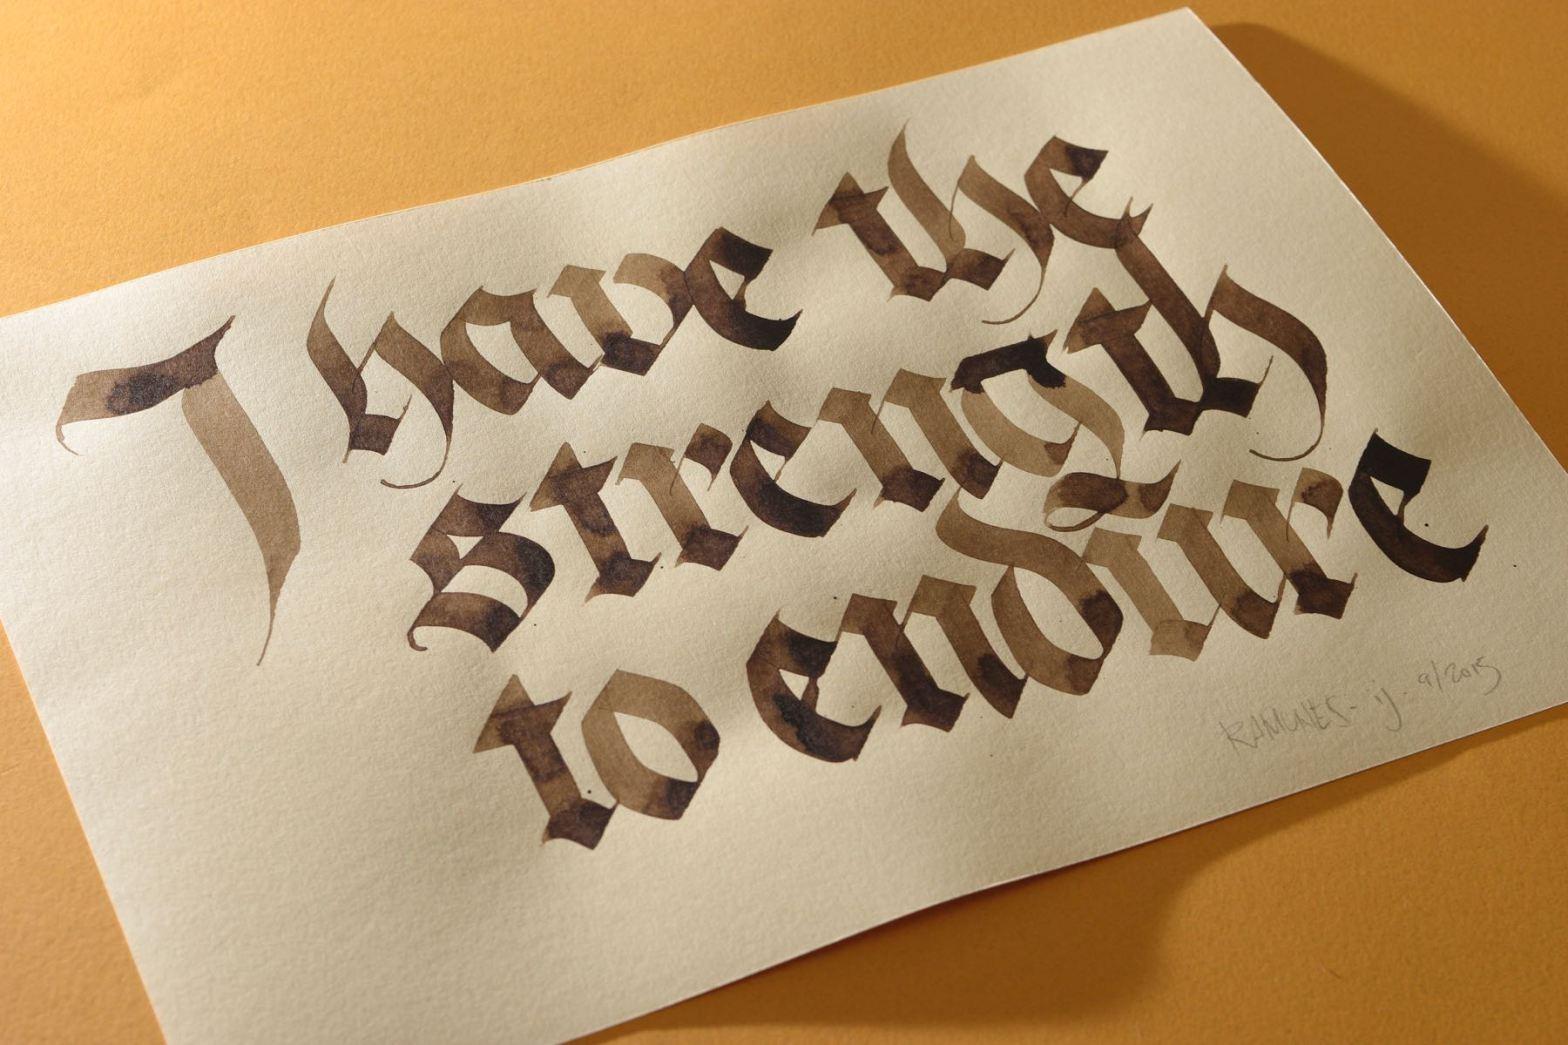 """Caligrafia onde se lê """"I ha the strength to endure"""" em papel creme sobre fundo amarelo"""